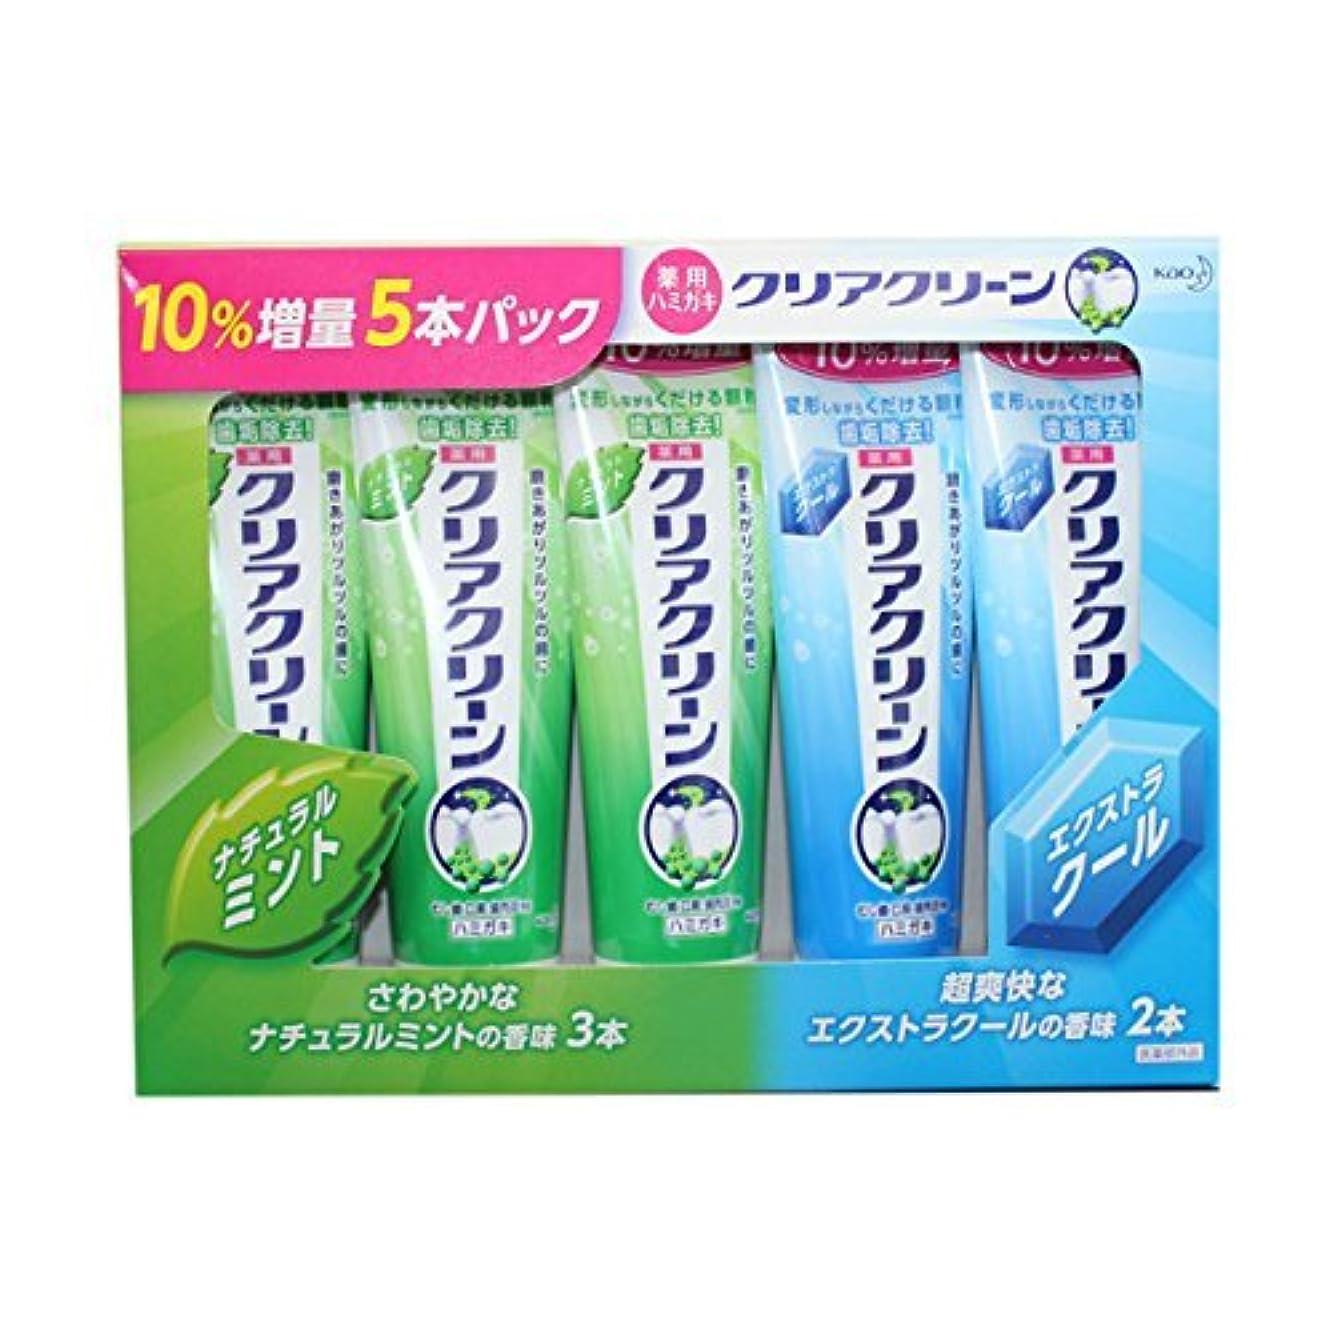 親密な神の罪人クリアクリーン 143gx5本セット(ナチュラルミントx3/エクストラクールx2) 10%増量セット 歯磨き粉